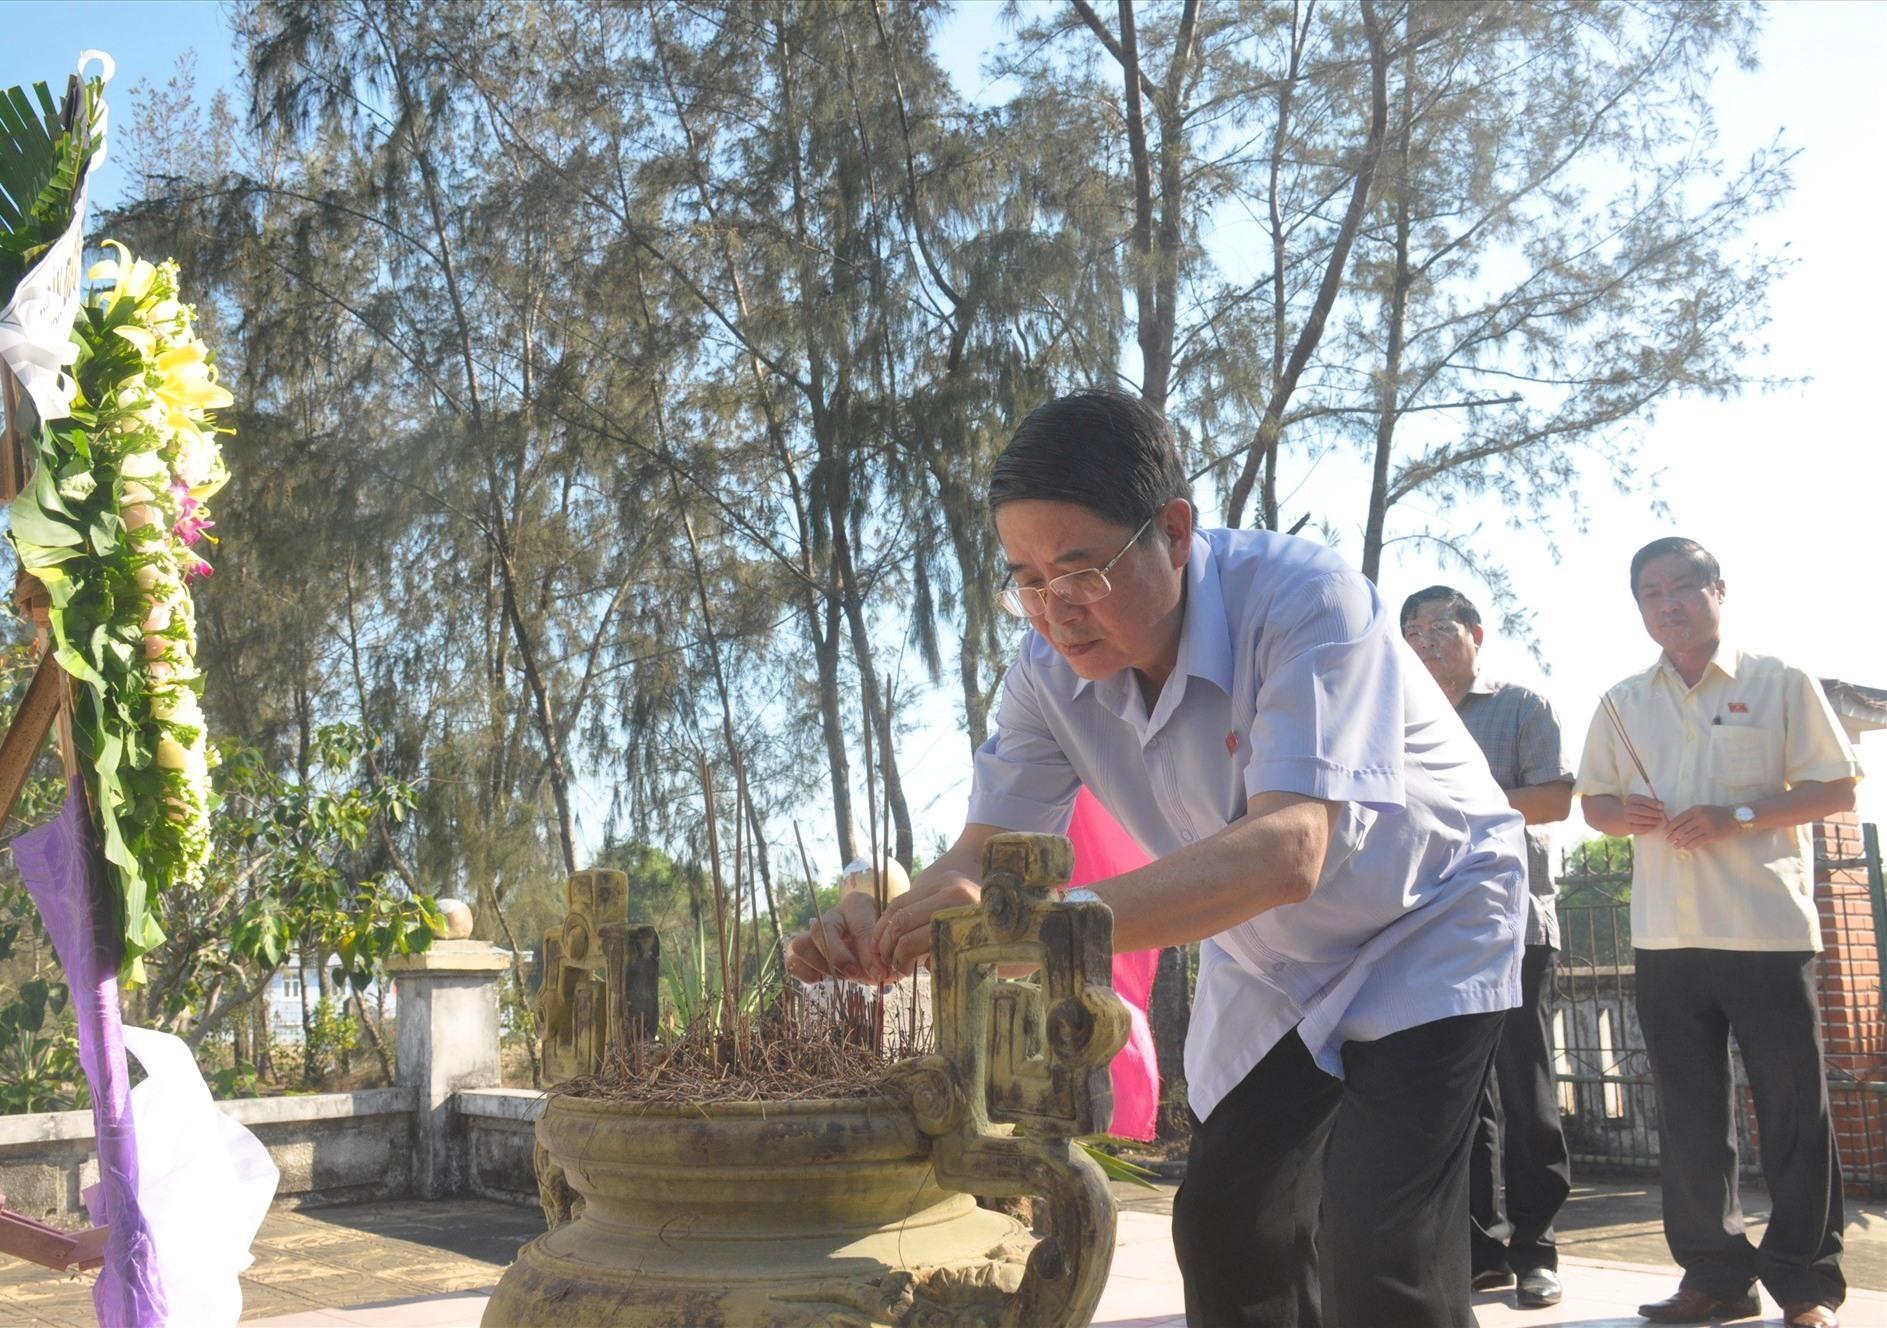 Sáng cùng ngày, các đại biểu Nguyễn Đức Hải và Phan Thái Bình đến dâng hoa, viếng hương mộ cụ Phan Bá Phiến (xã Tam Tiến). Ảnh: N.Đ